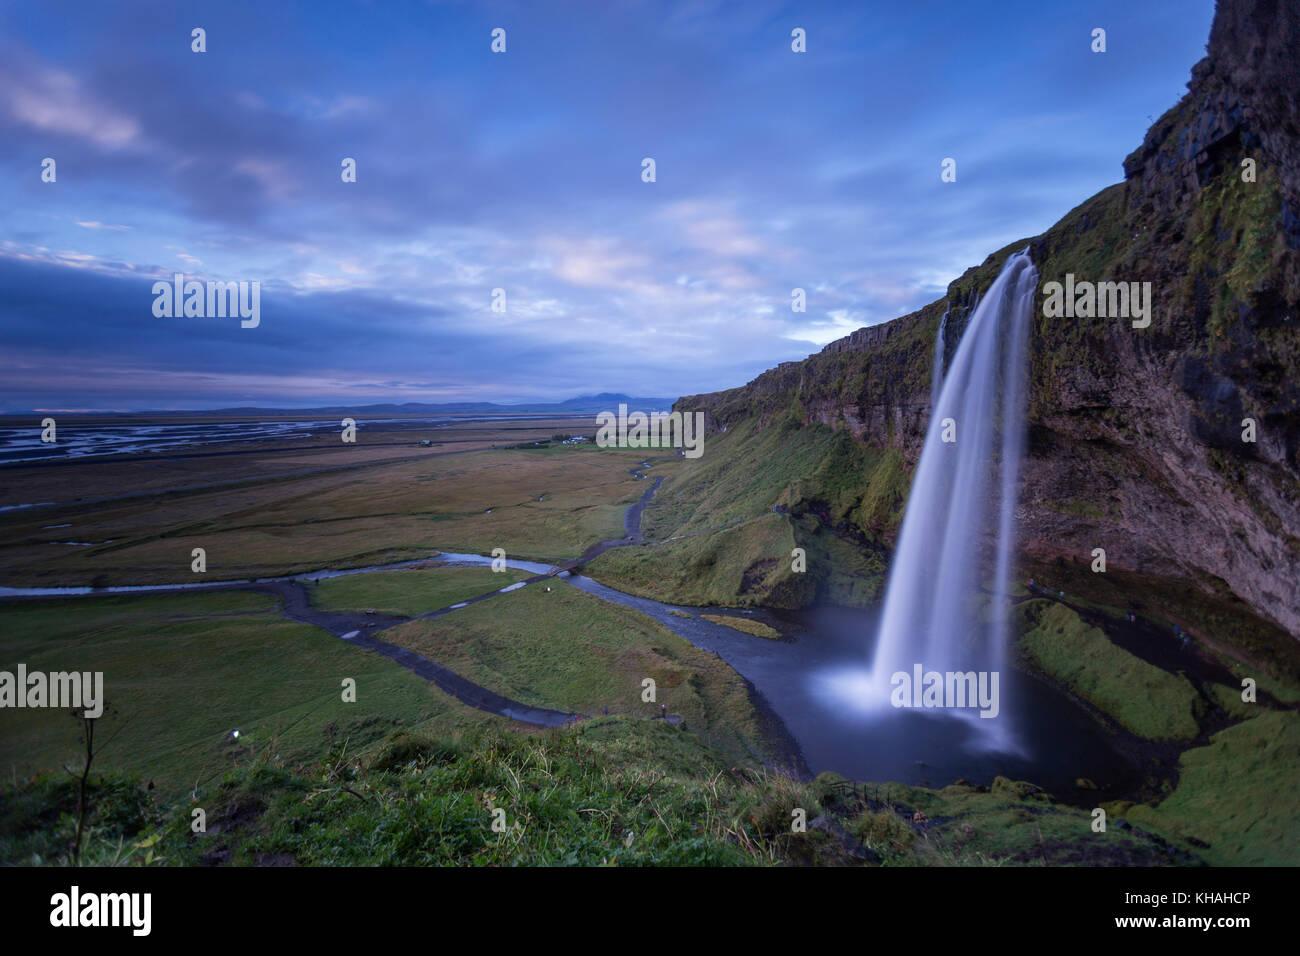 Cascade de Seljalandsfoss, sur la côte sud de l'Islande. Une destination touristique bien connue. Photo Stock